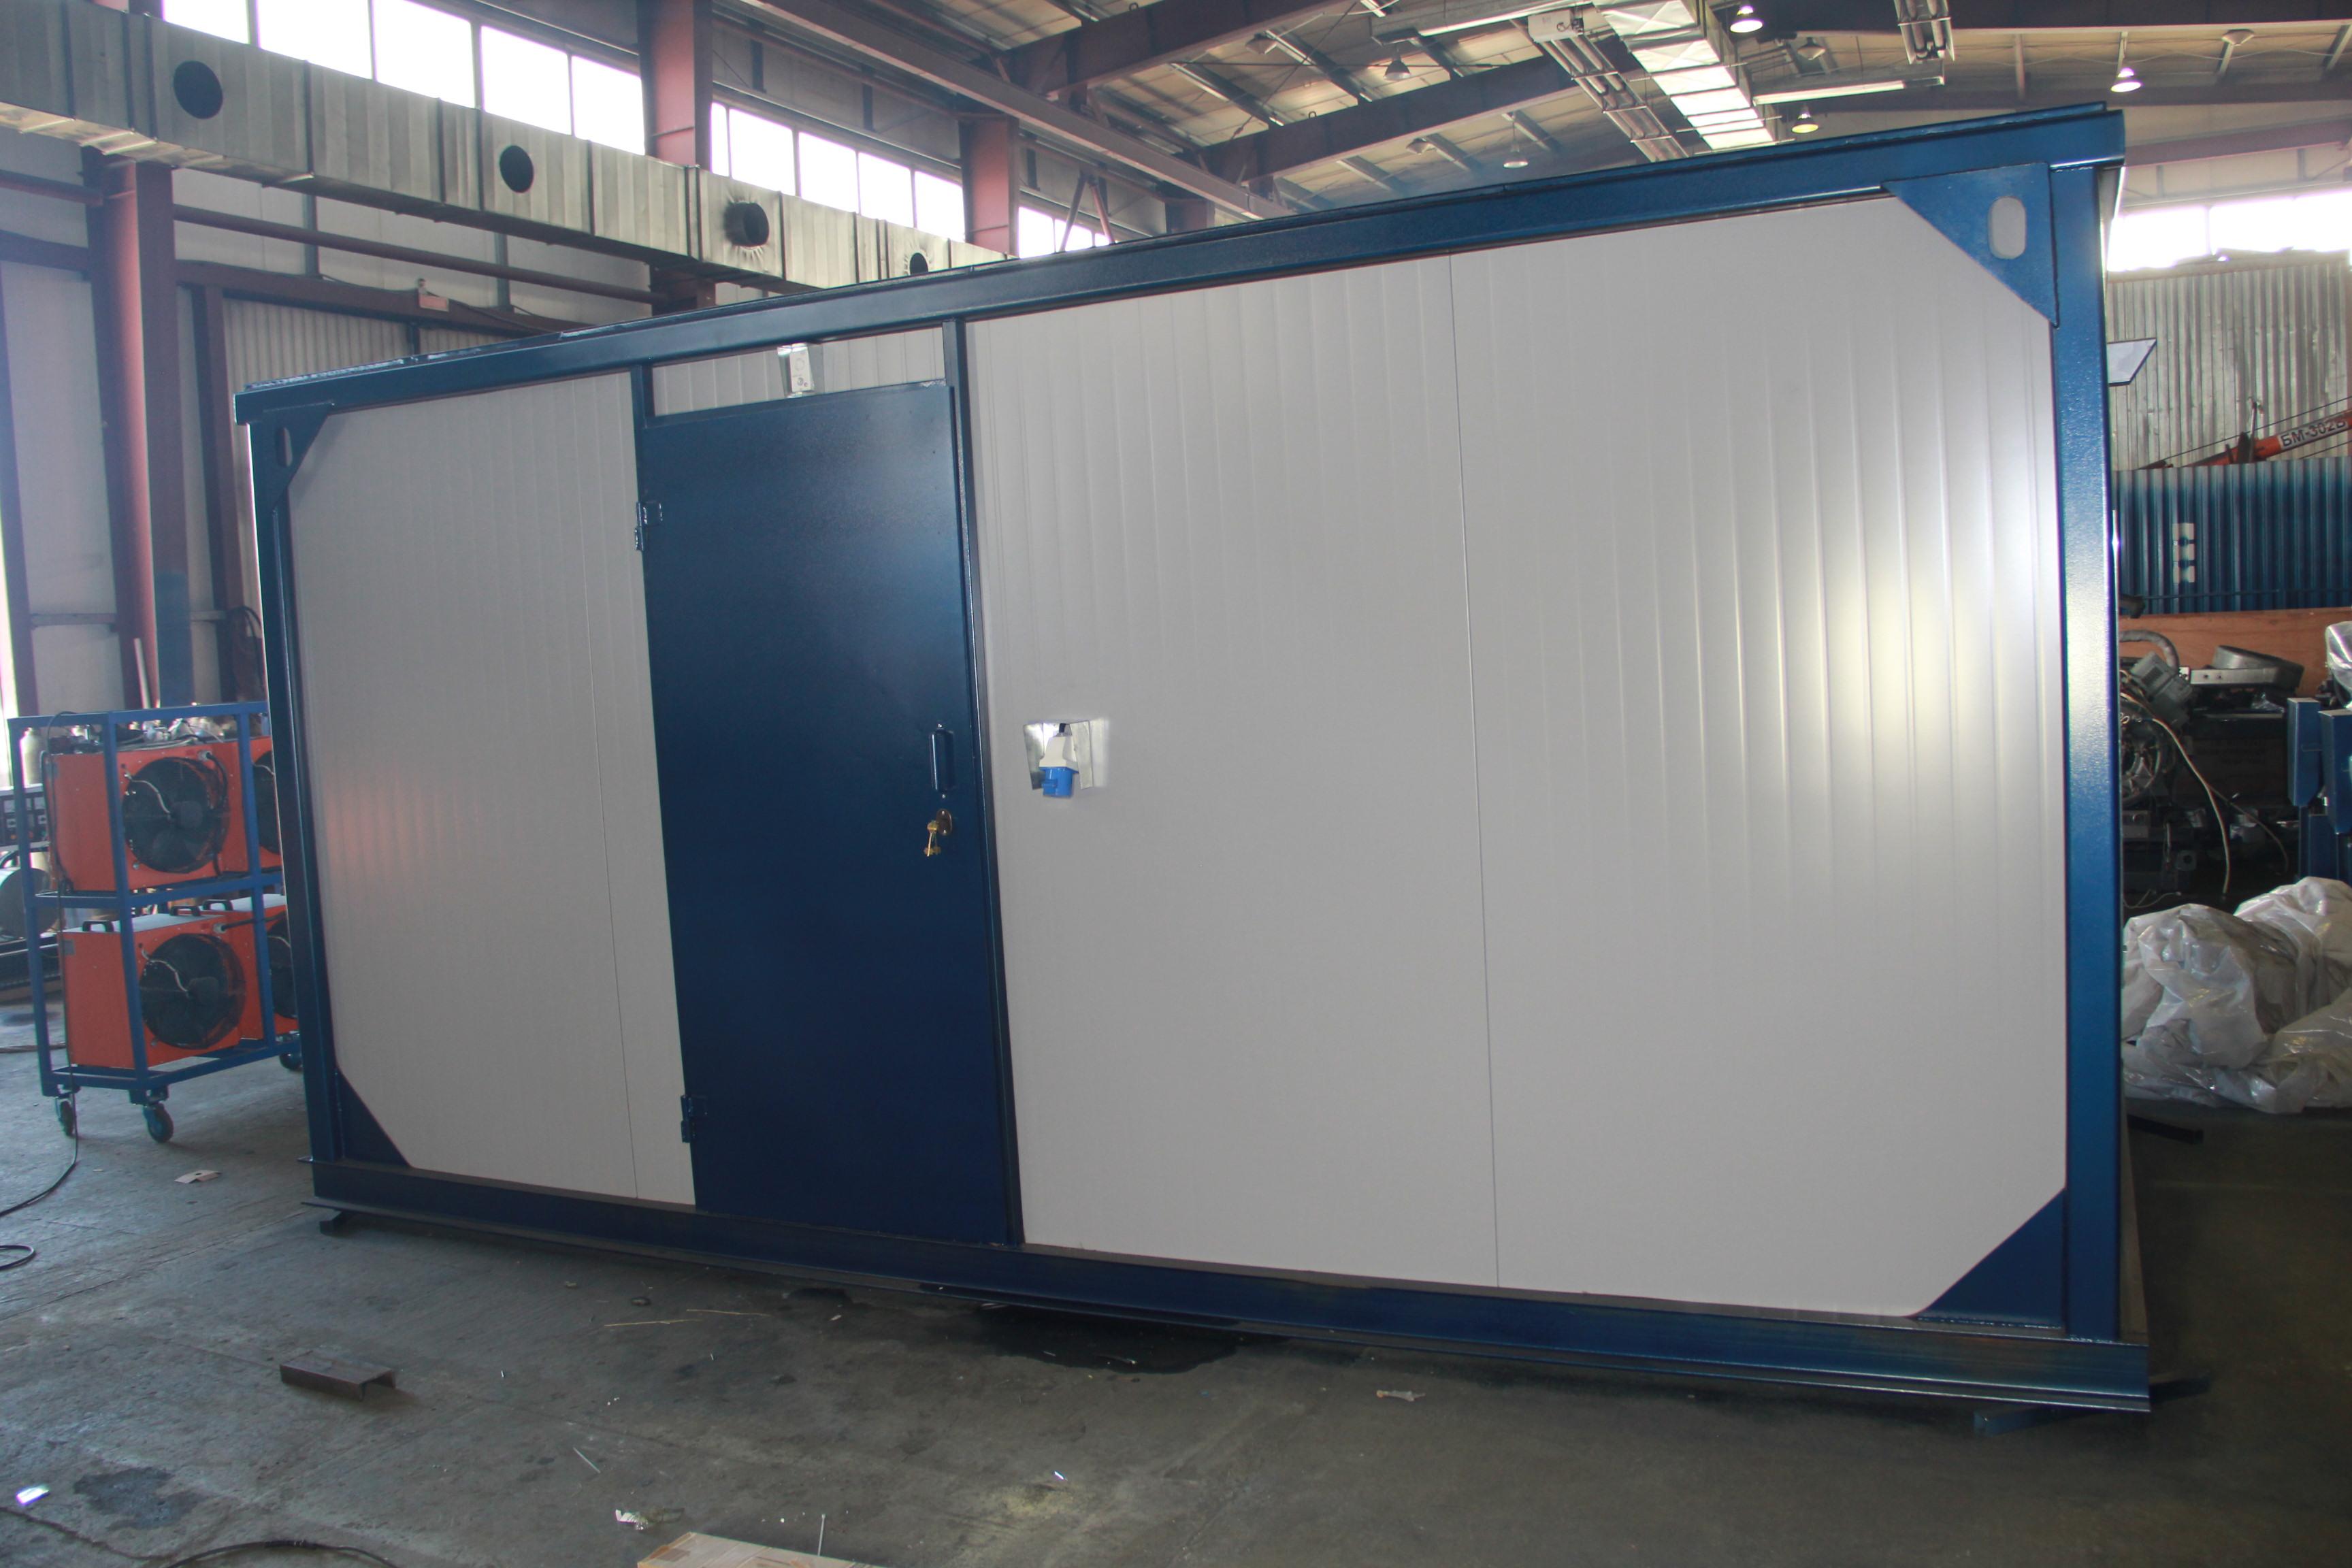 Внешний вид IVECO АД-250С-Т400-2РНИ с АВР в контейнере